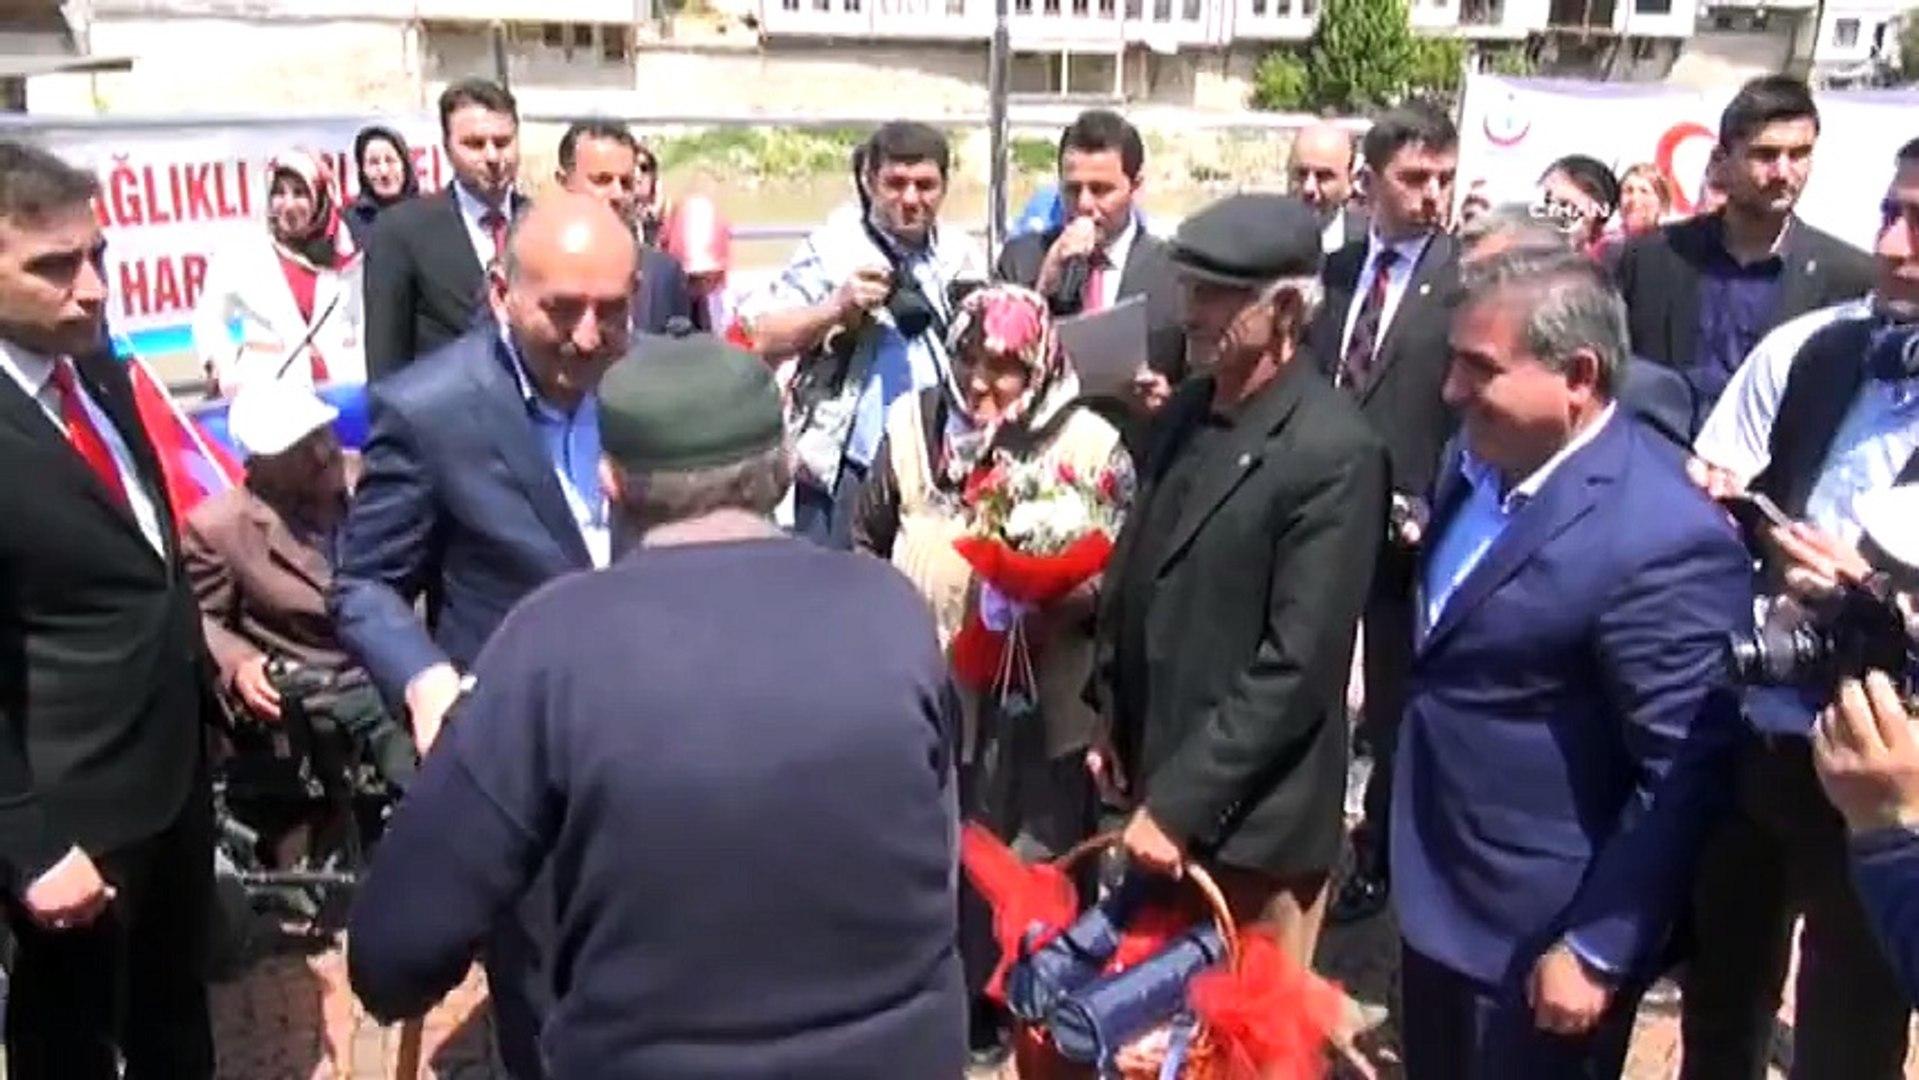 Bakan Müezzinoğlu'na tepki: Emekliler aç aç!